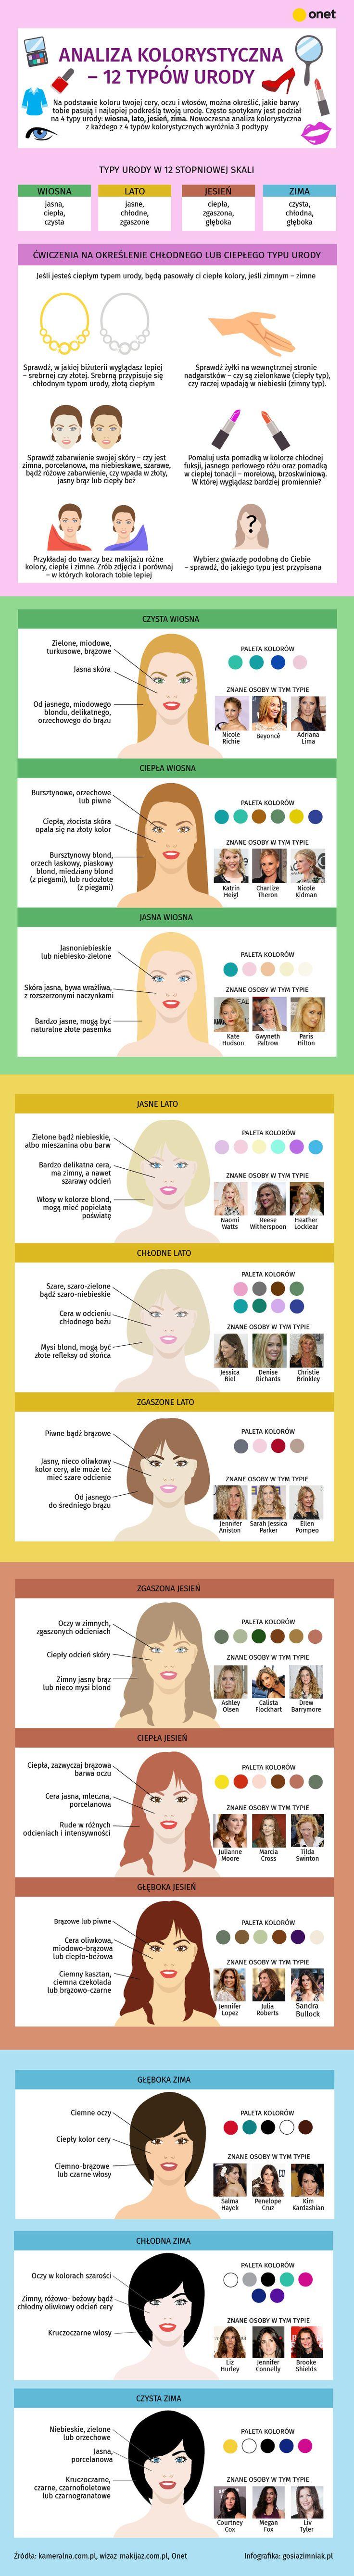 Na podstawie koloru oczu, włosów i cery można określić jakie barwy do ciebie pasują i najlepiej podkreślają twoją urodę. Znajomość swojego typu urody jest punktem wyjścia do doboru odpowiedniego makijażu i stylizacji, które podkreślą atuty. Sprawdź, jaki jest twój typ urody!